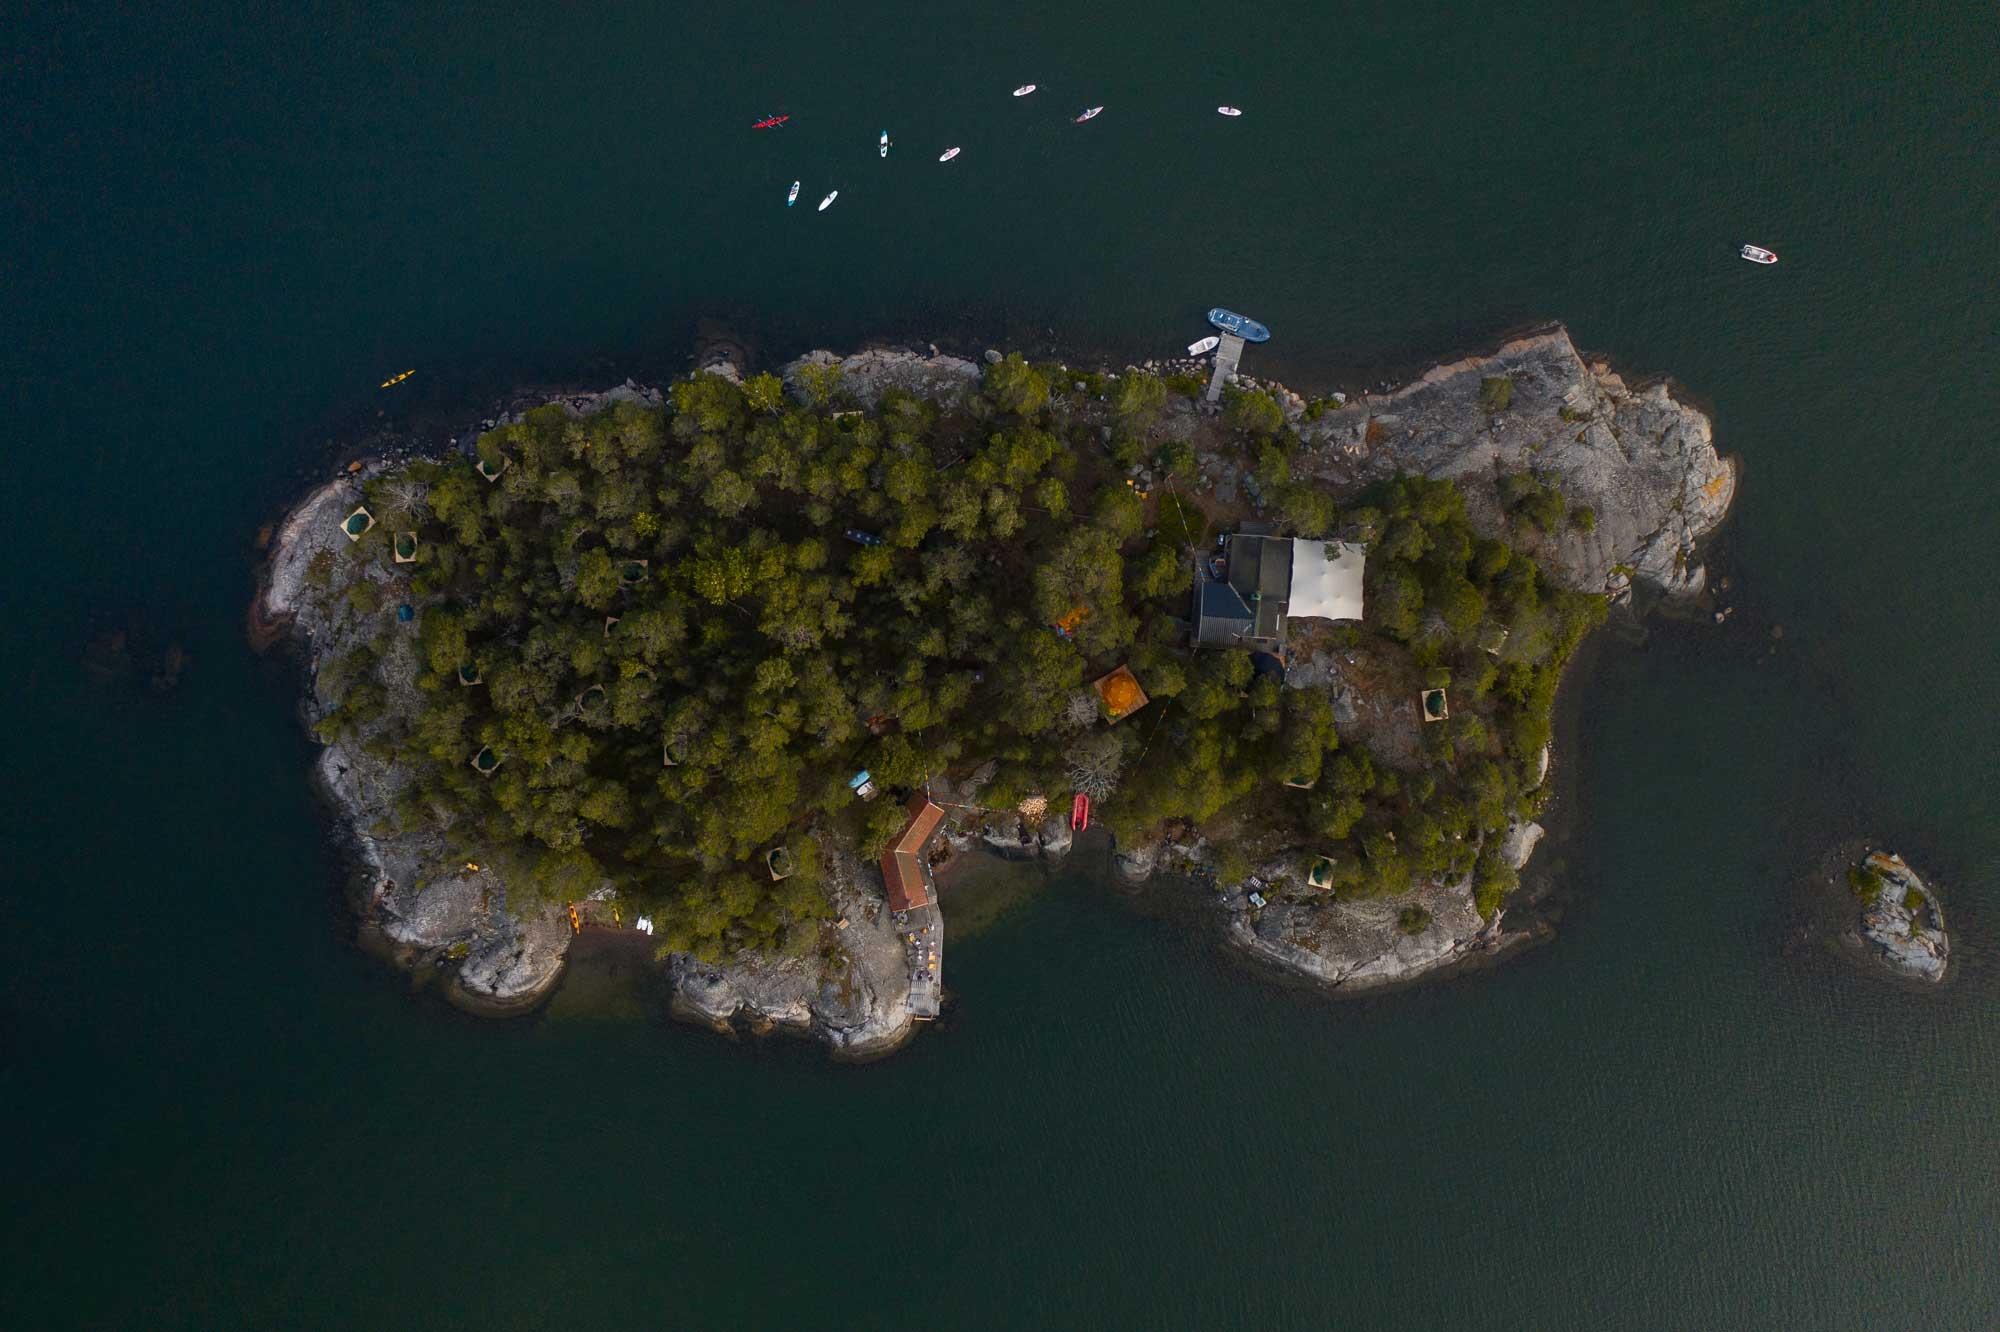 Die Insel von oben © Jack Wolfskin